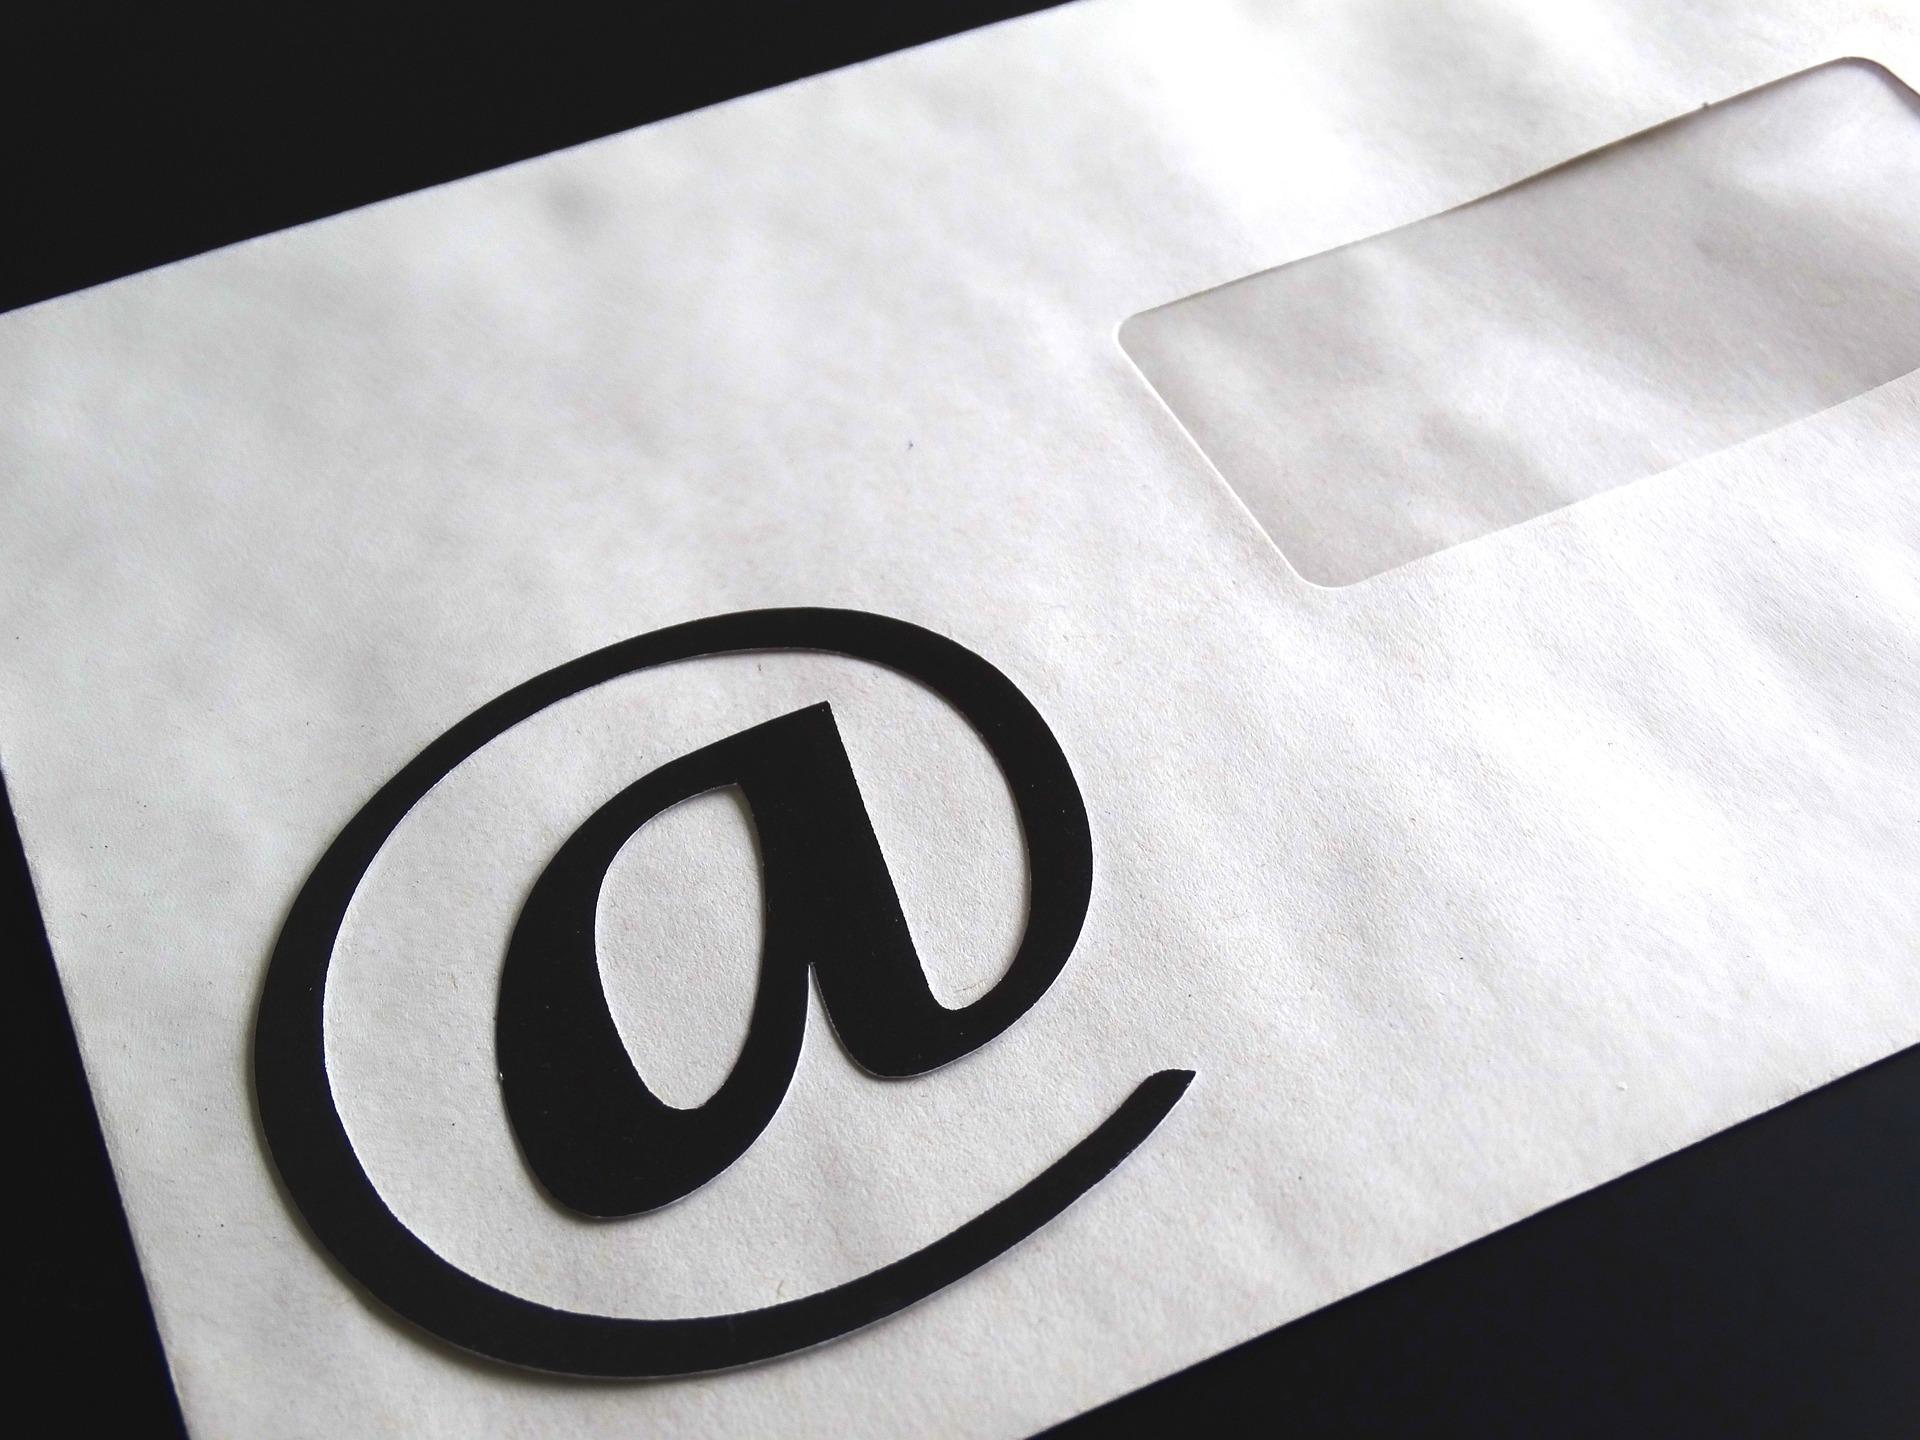 etiqueta del correo electrónico